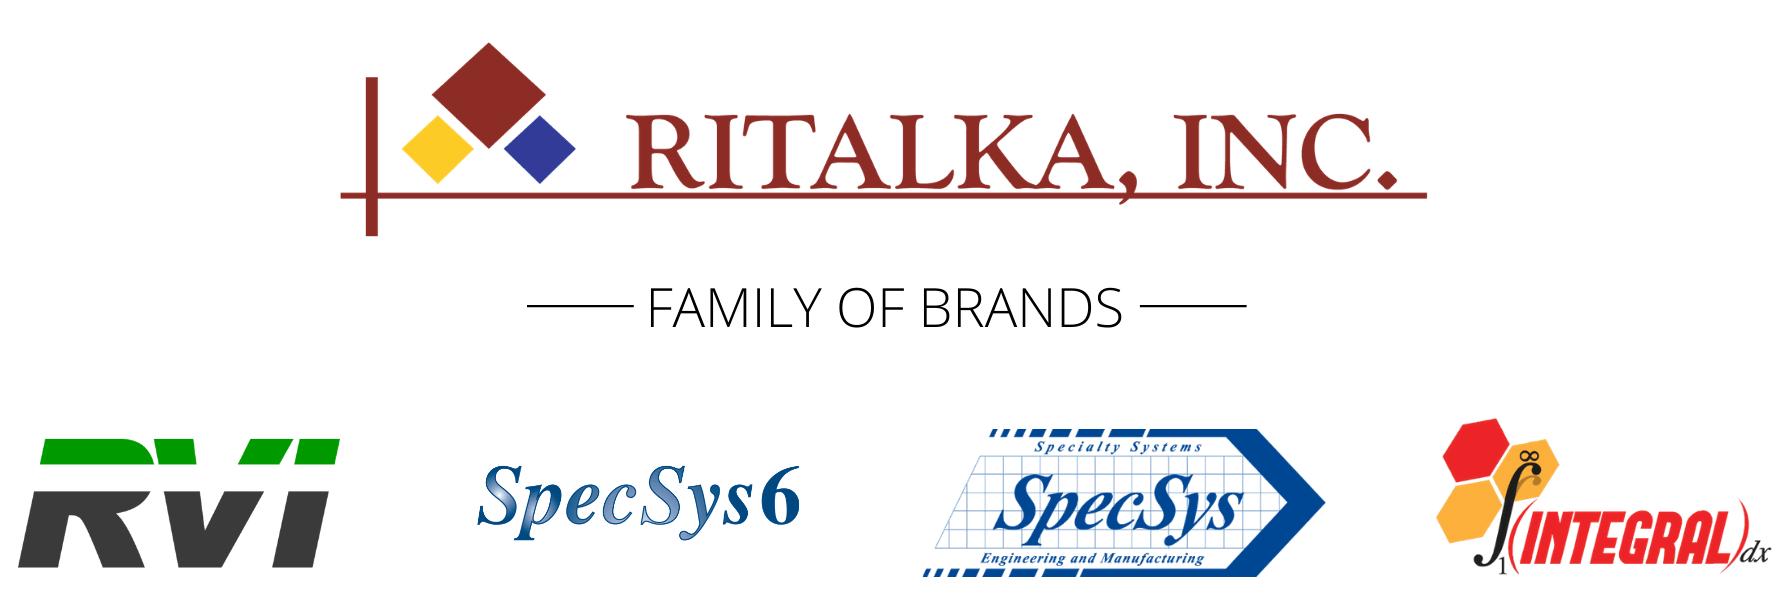 The RITALKA Family of Brands